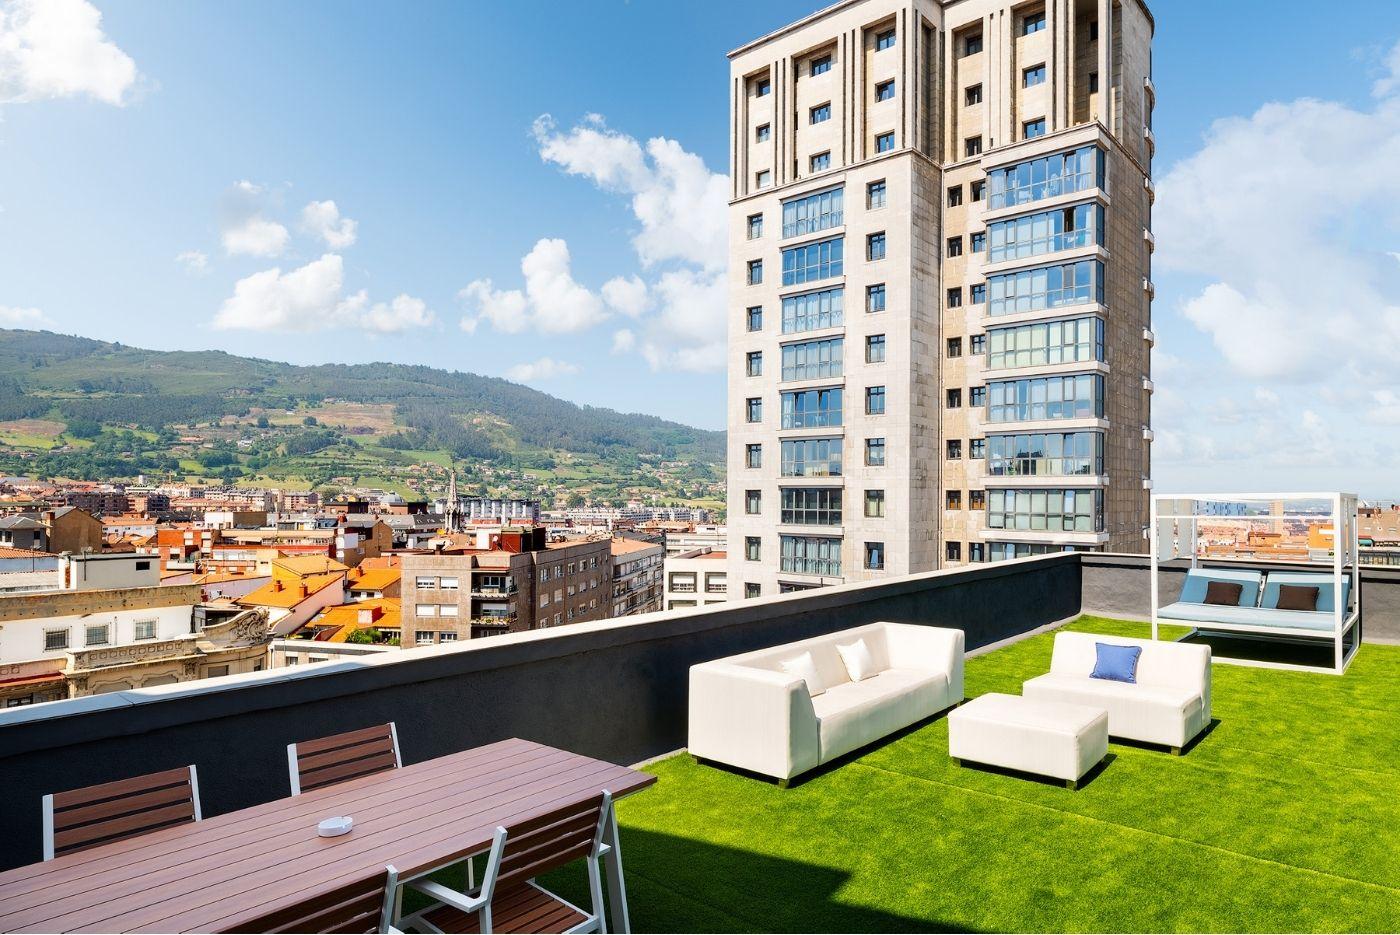 Apartamento-Atico-Premium-66-Oviedo-1907-06